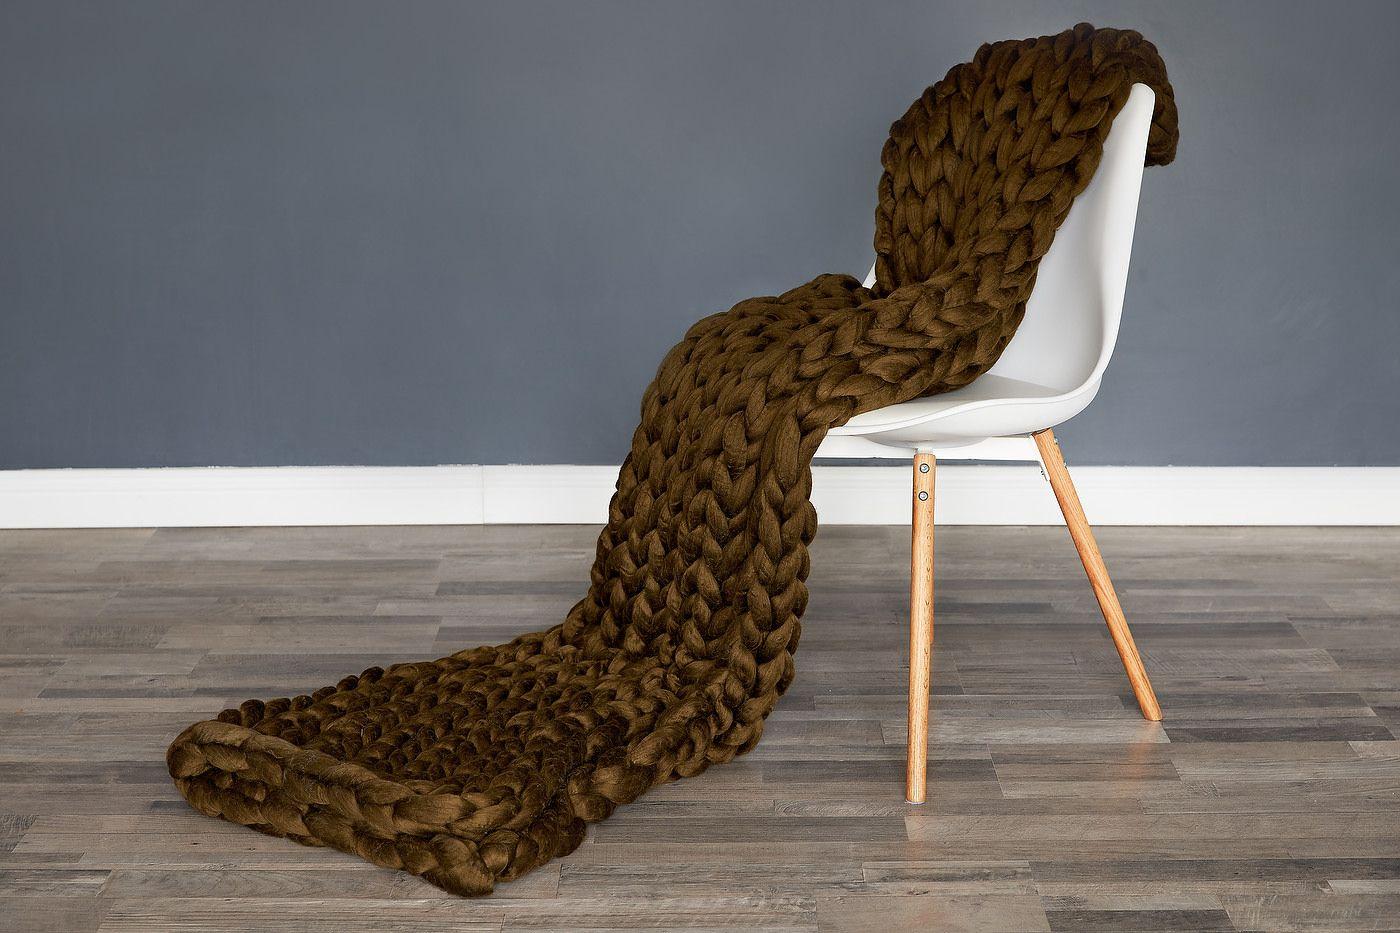 Fotografie de produs-Patura fir gigand pe scaun